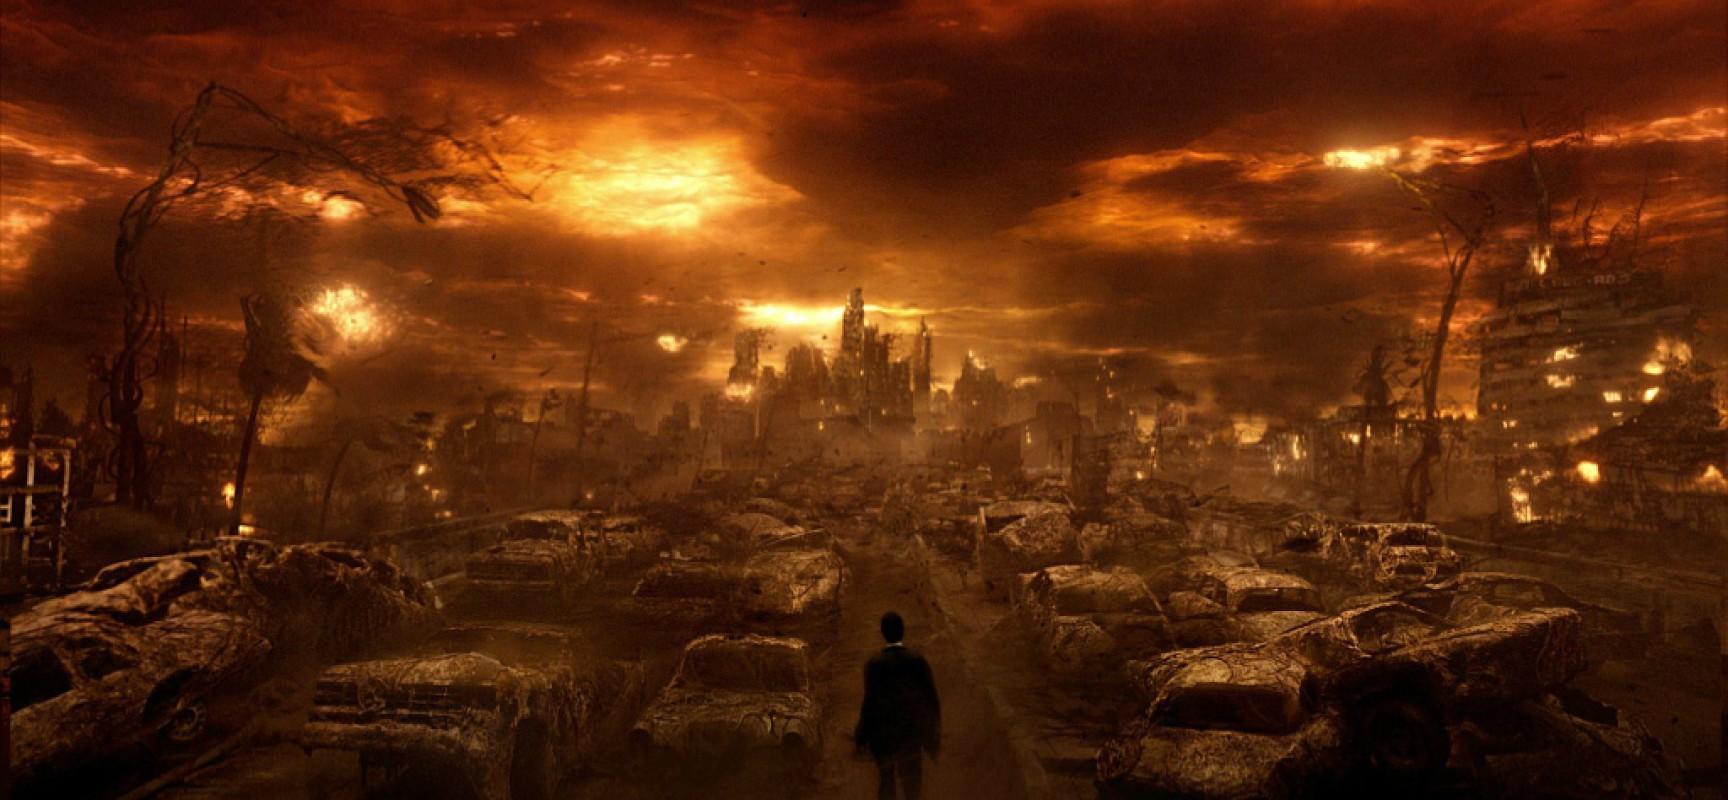 Les élites occidentales prennent leurs rêves pour la réalité et s'apprêtent à plonger le monde dans le pire des cauchemars